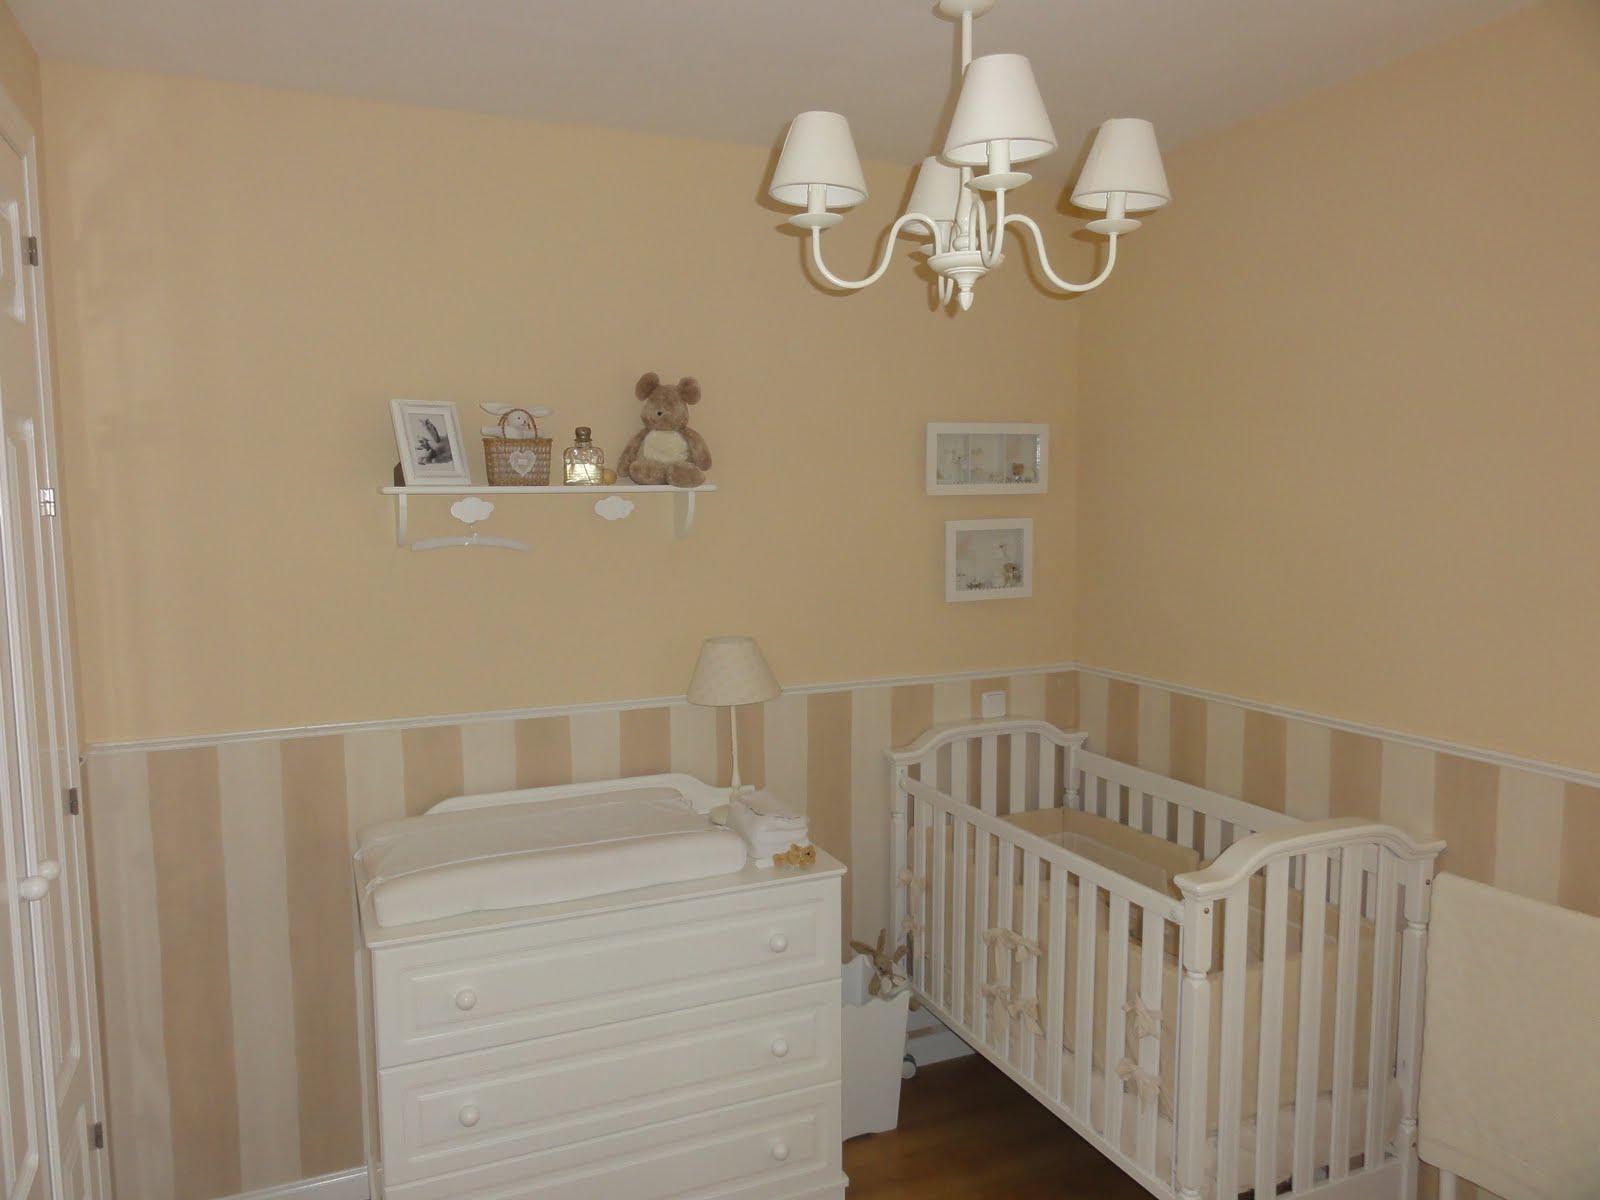 Caracolas deco enero 2012 - Habitaciones de bebe decoradas ...